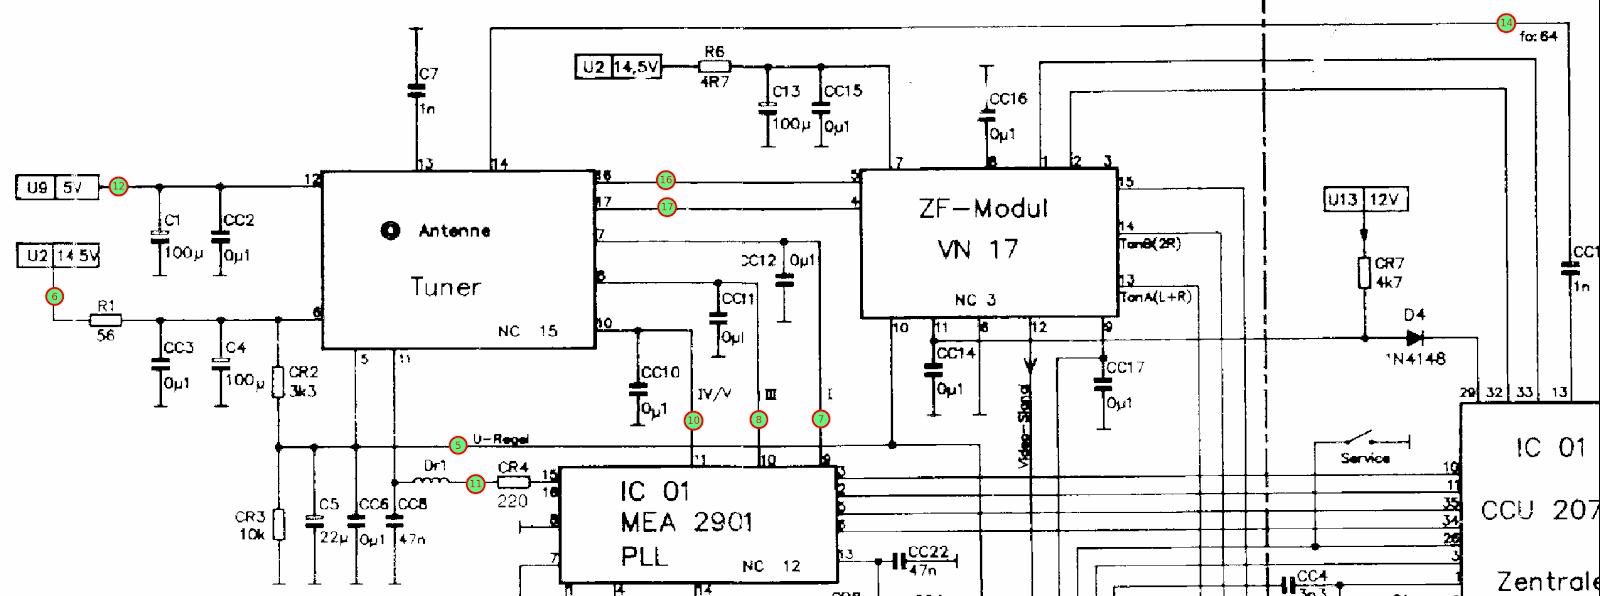 Schneider DTV1 chassis schematic